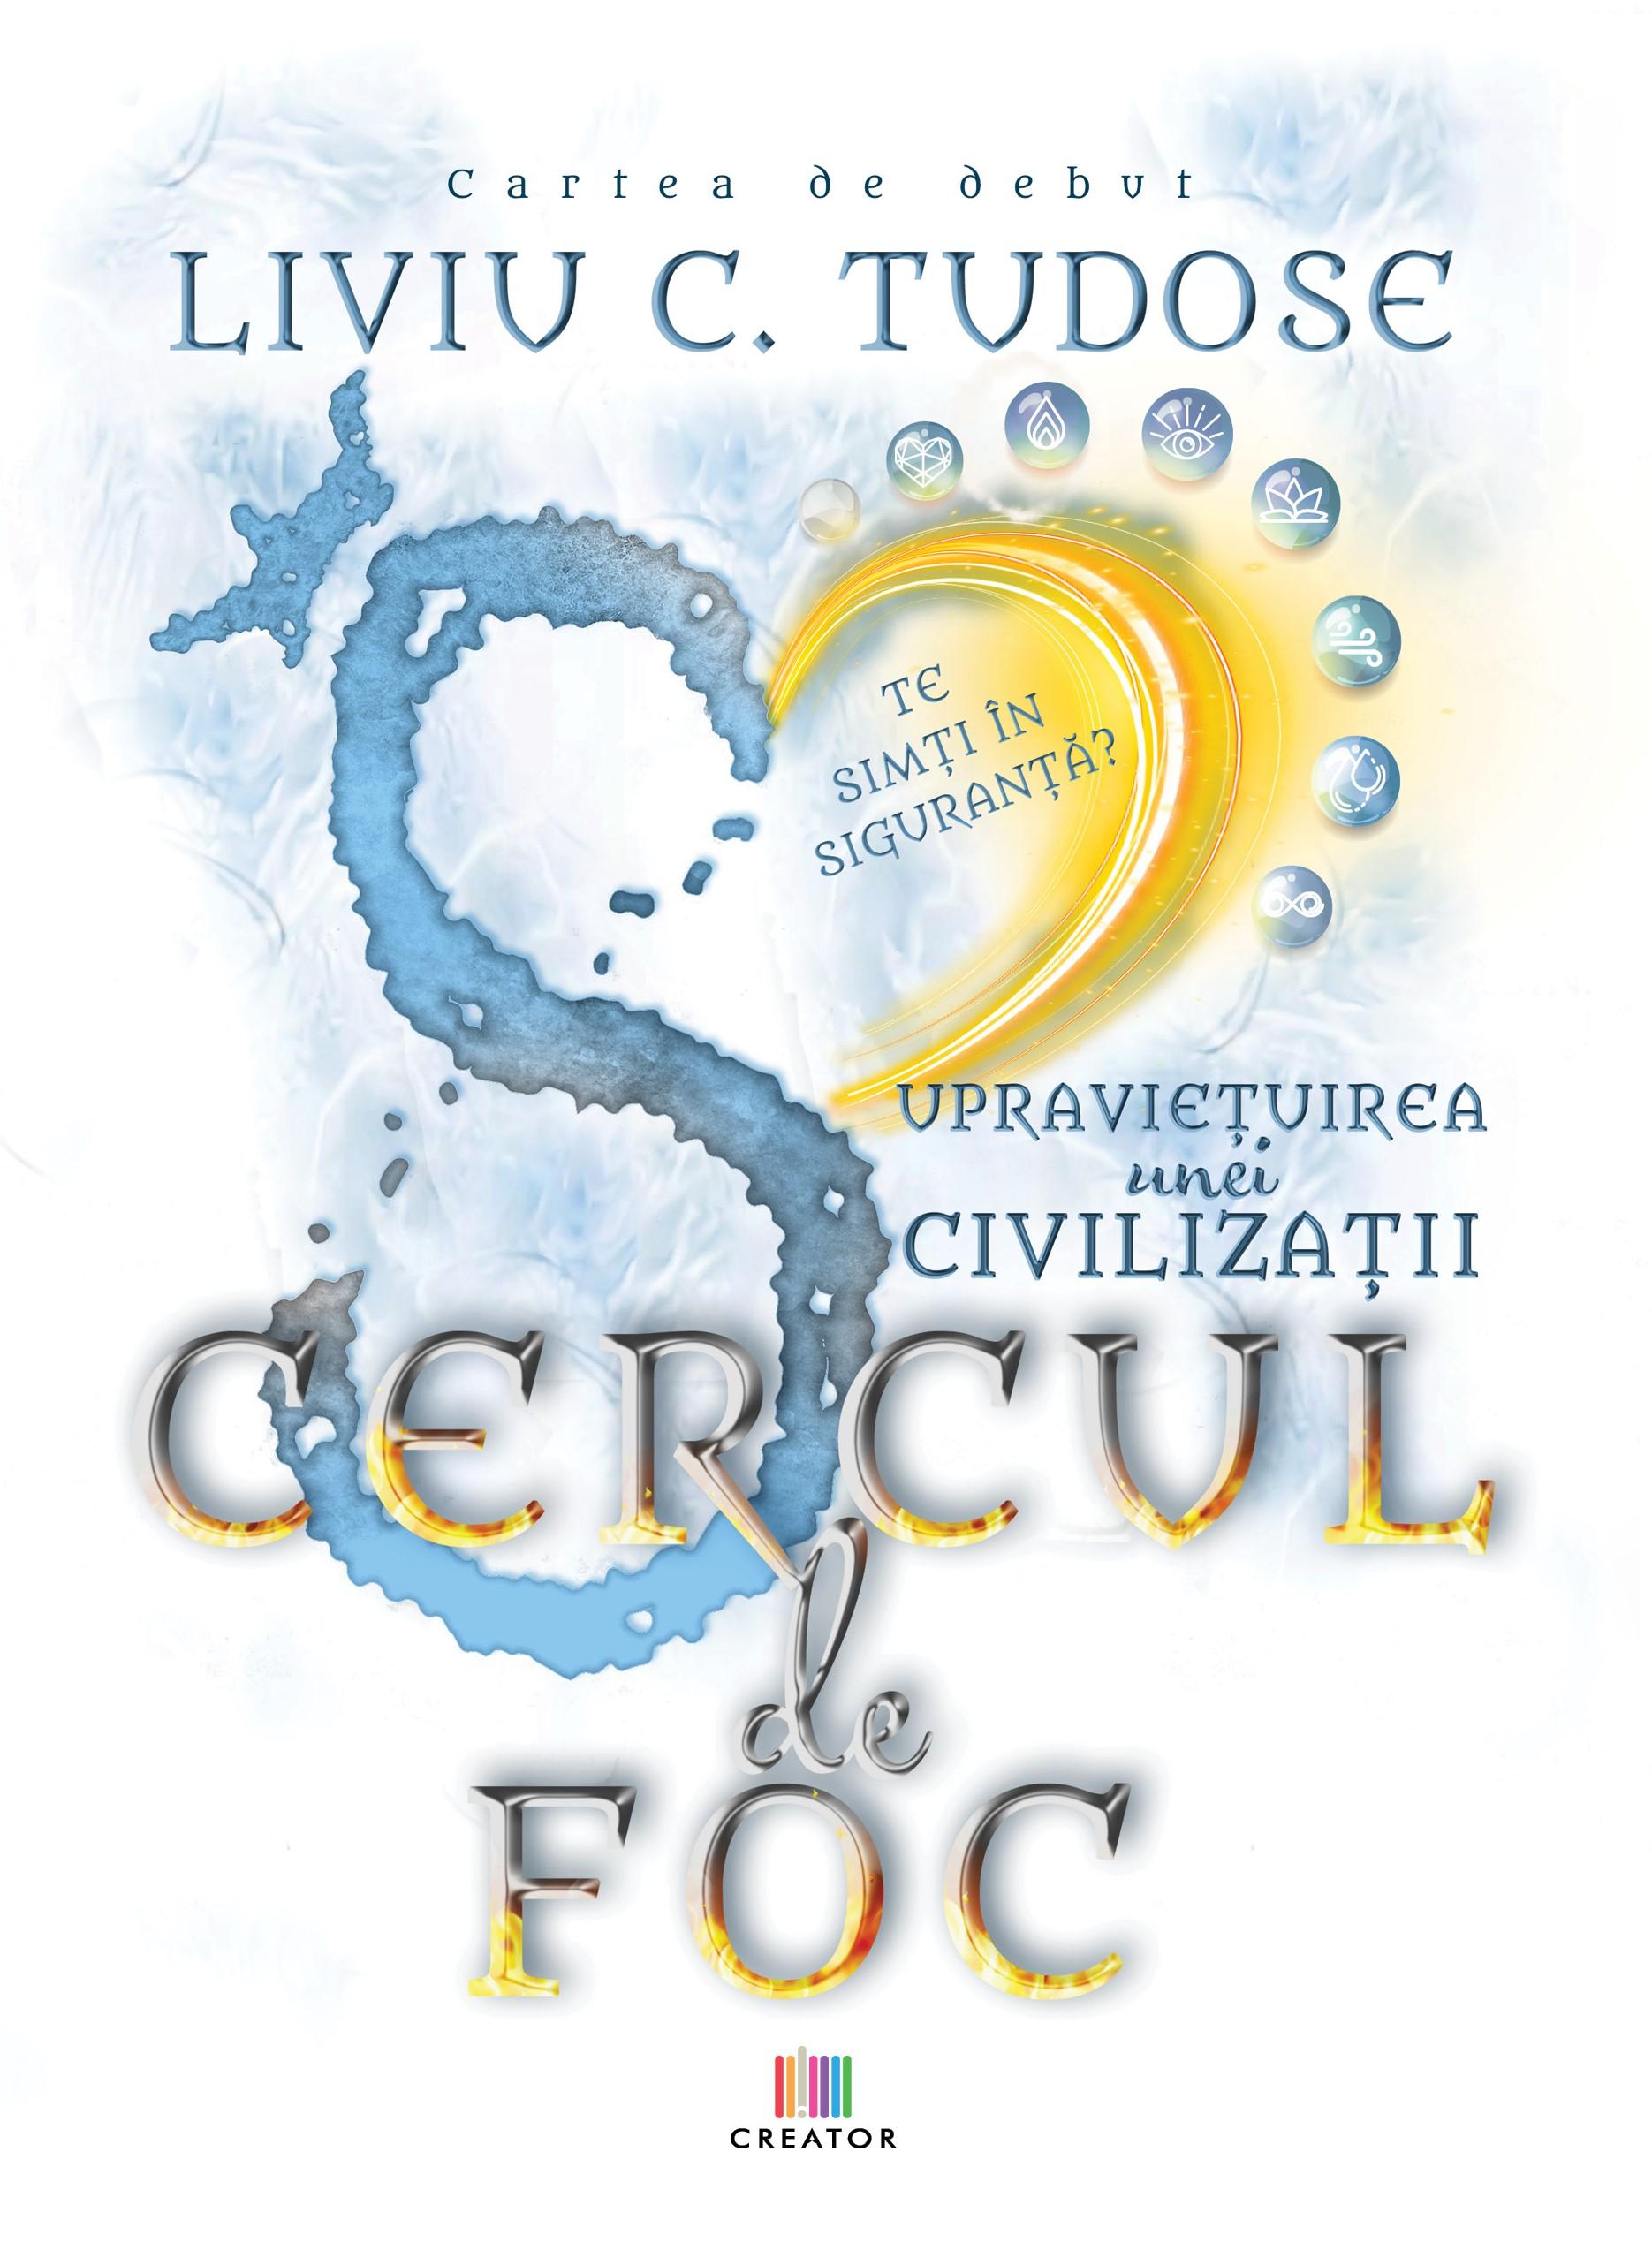 Liviu C Tudose - Supraviețuirea unei civilizații - Cercul de foc - www.liviutudose.ro - Copertă.jpg